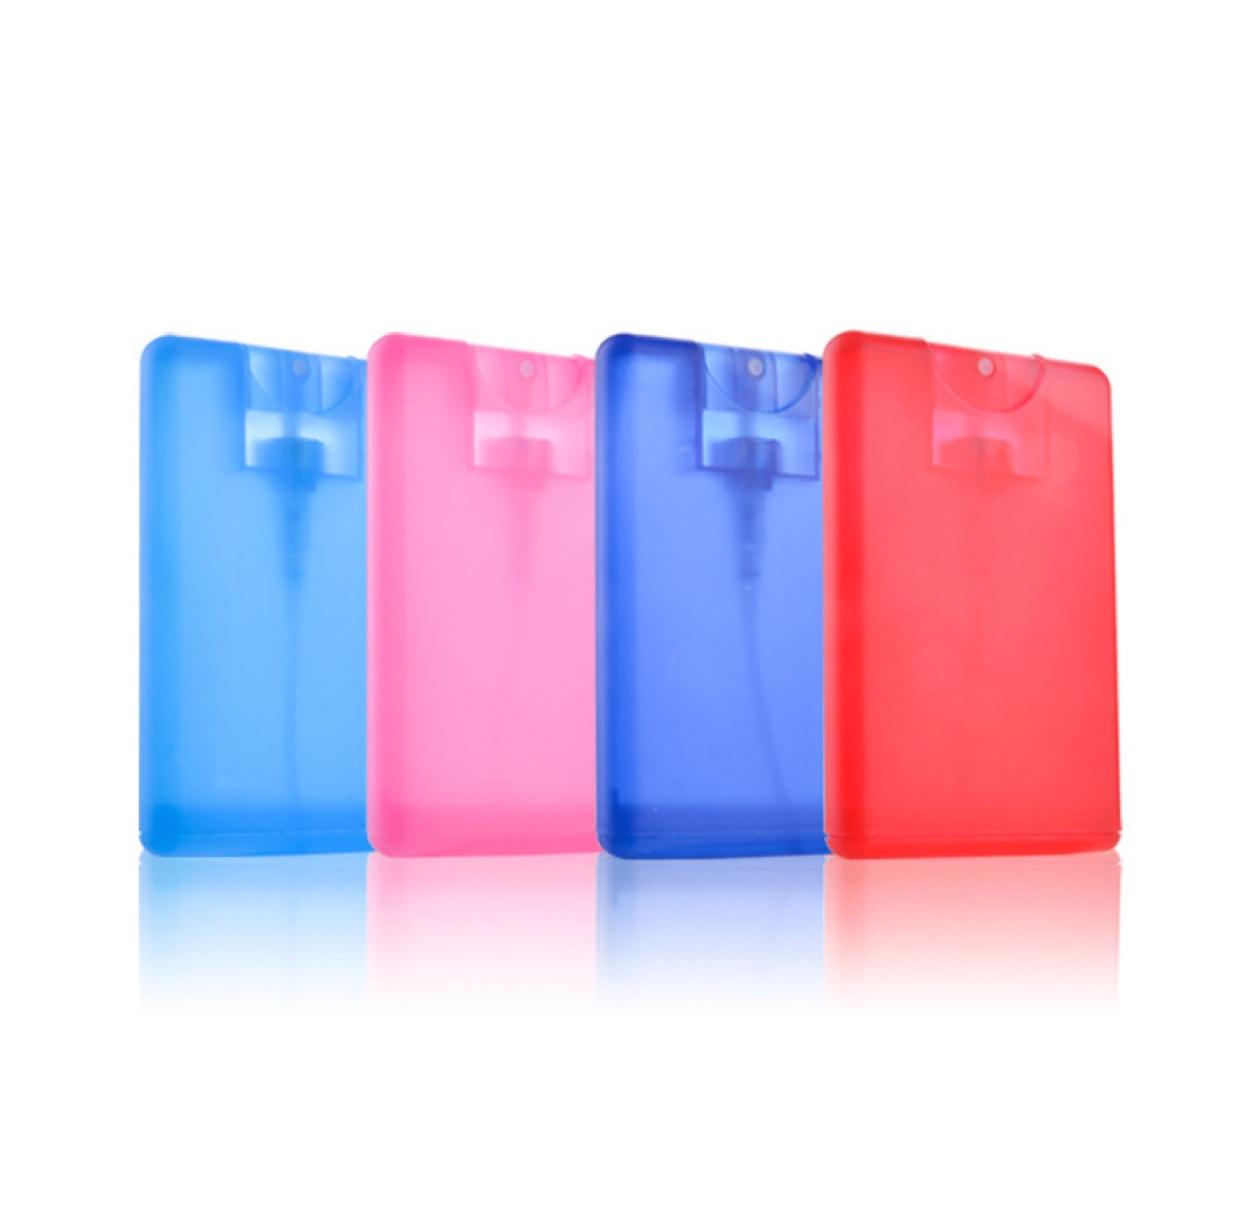 20ml卡片喷雾瓶 便携式香水瓶 pp塑料香水瓶旅行分装瓶